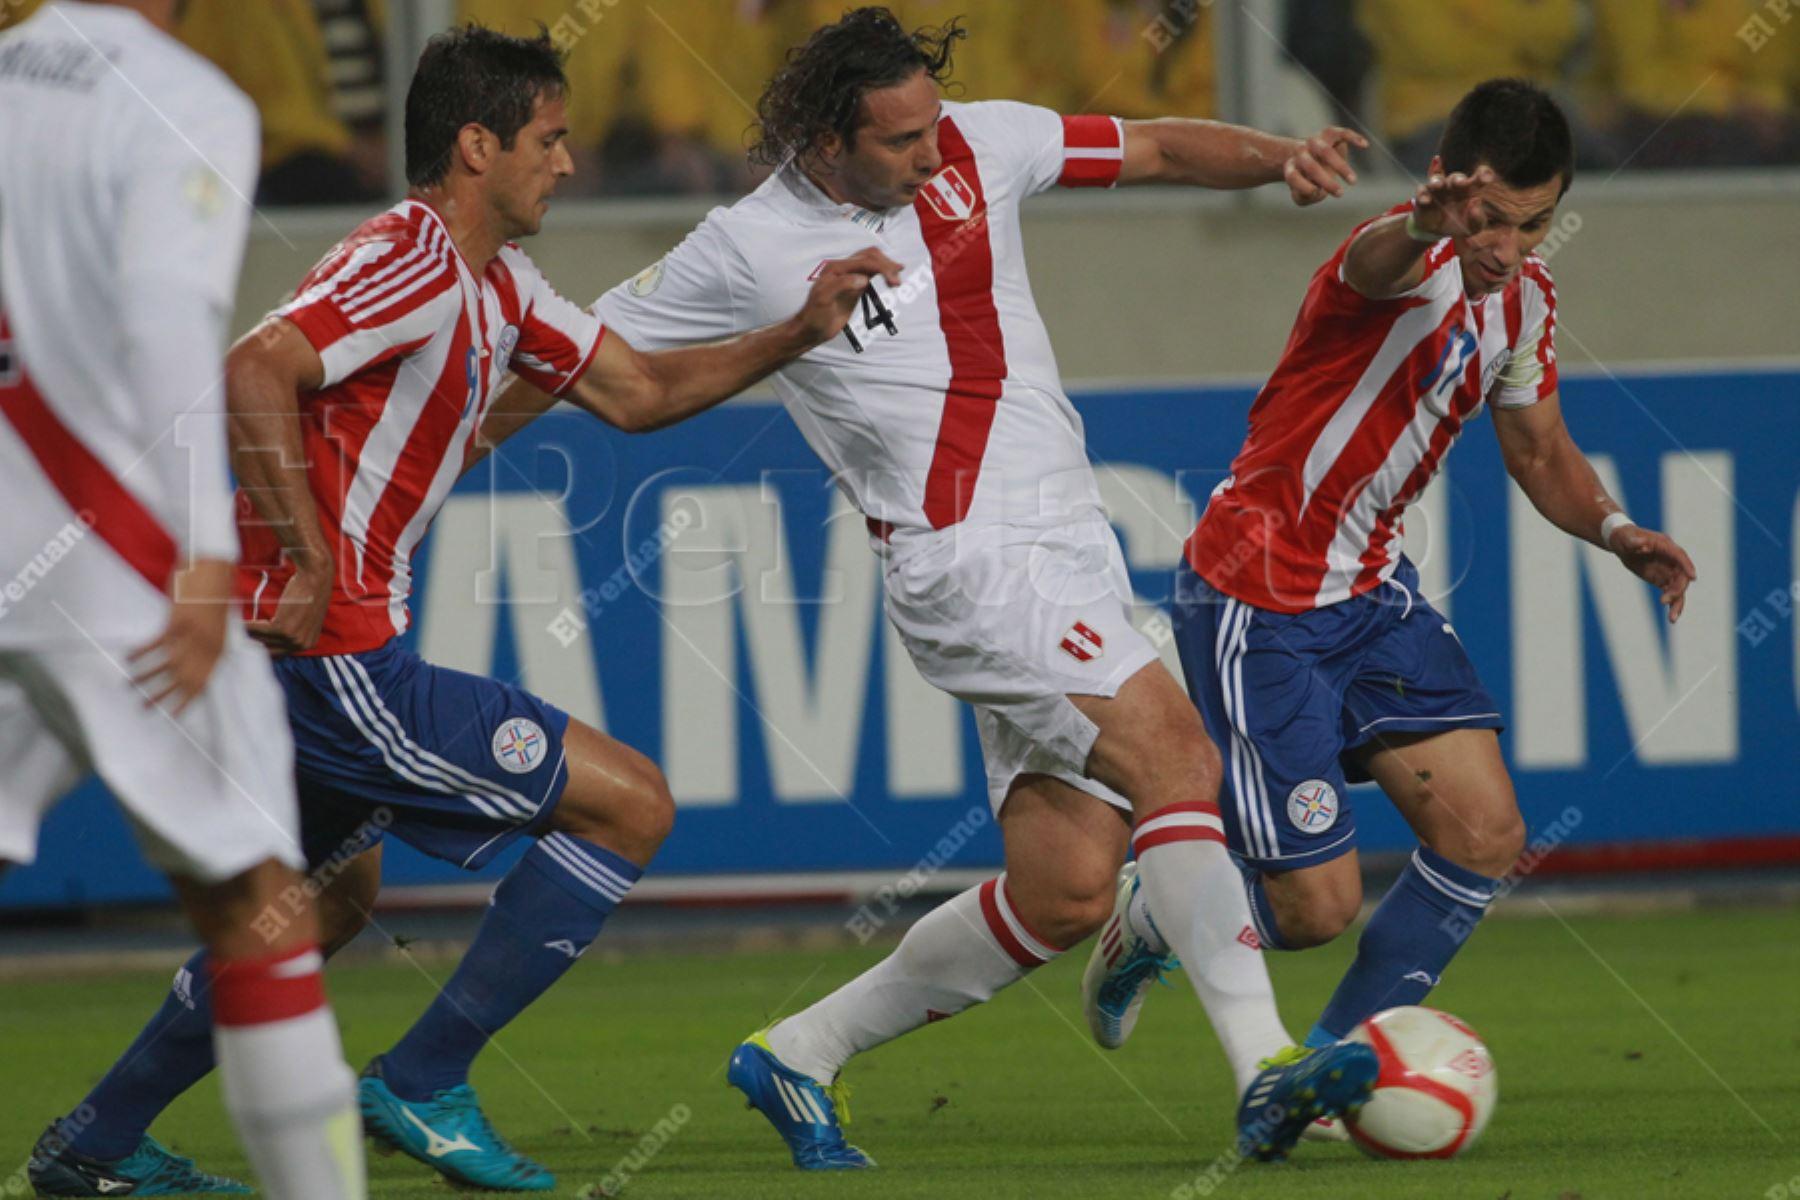 Lima – 7 octubre 2011 / Eliminatorias para el mundial Brasil 2014, Claudio Pizarro vistiendo la casaquilla de la Selección Peruana enfrentándose a su similar  de Paraguay, en el Estadio Nacional. Foto: EL PERUANO / Carlos Lezama